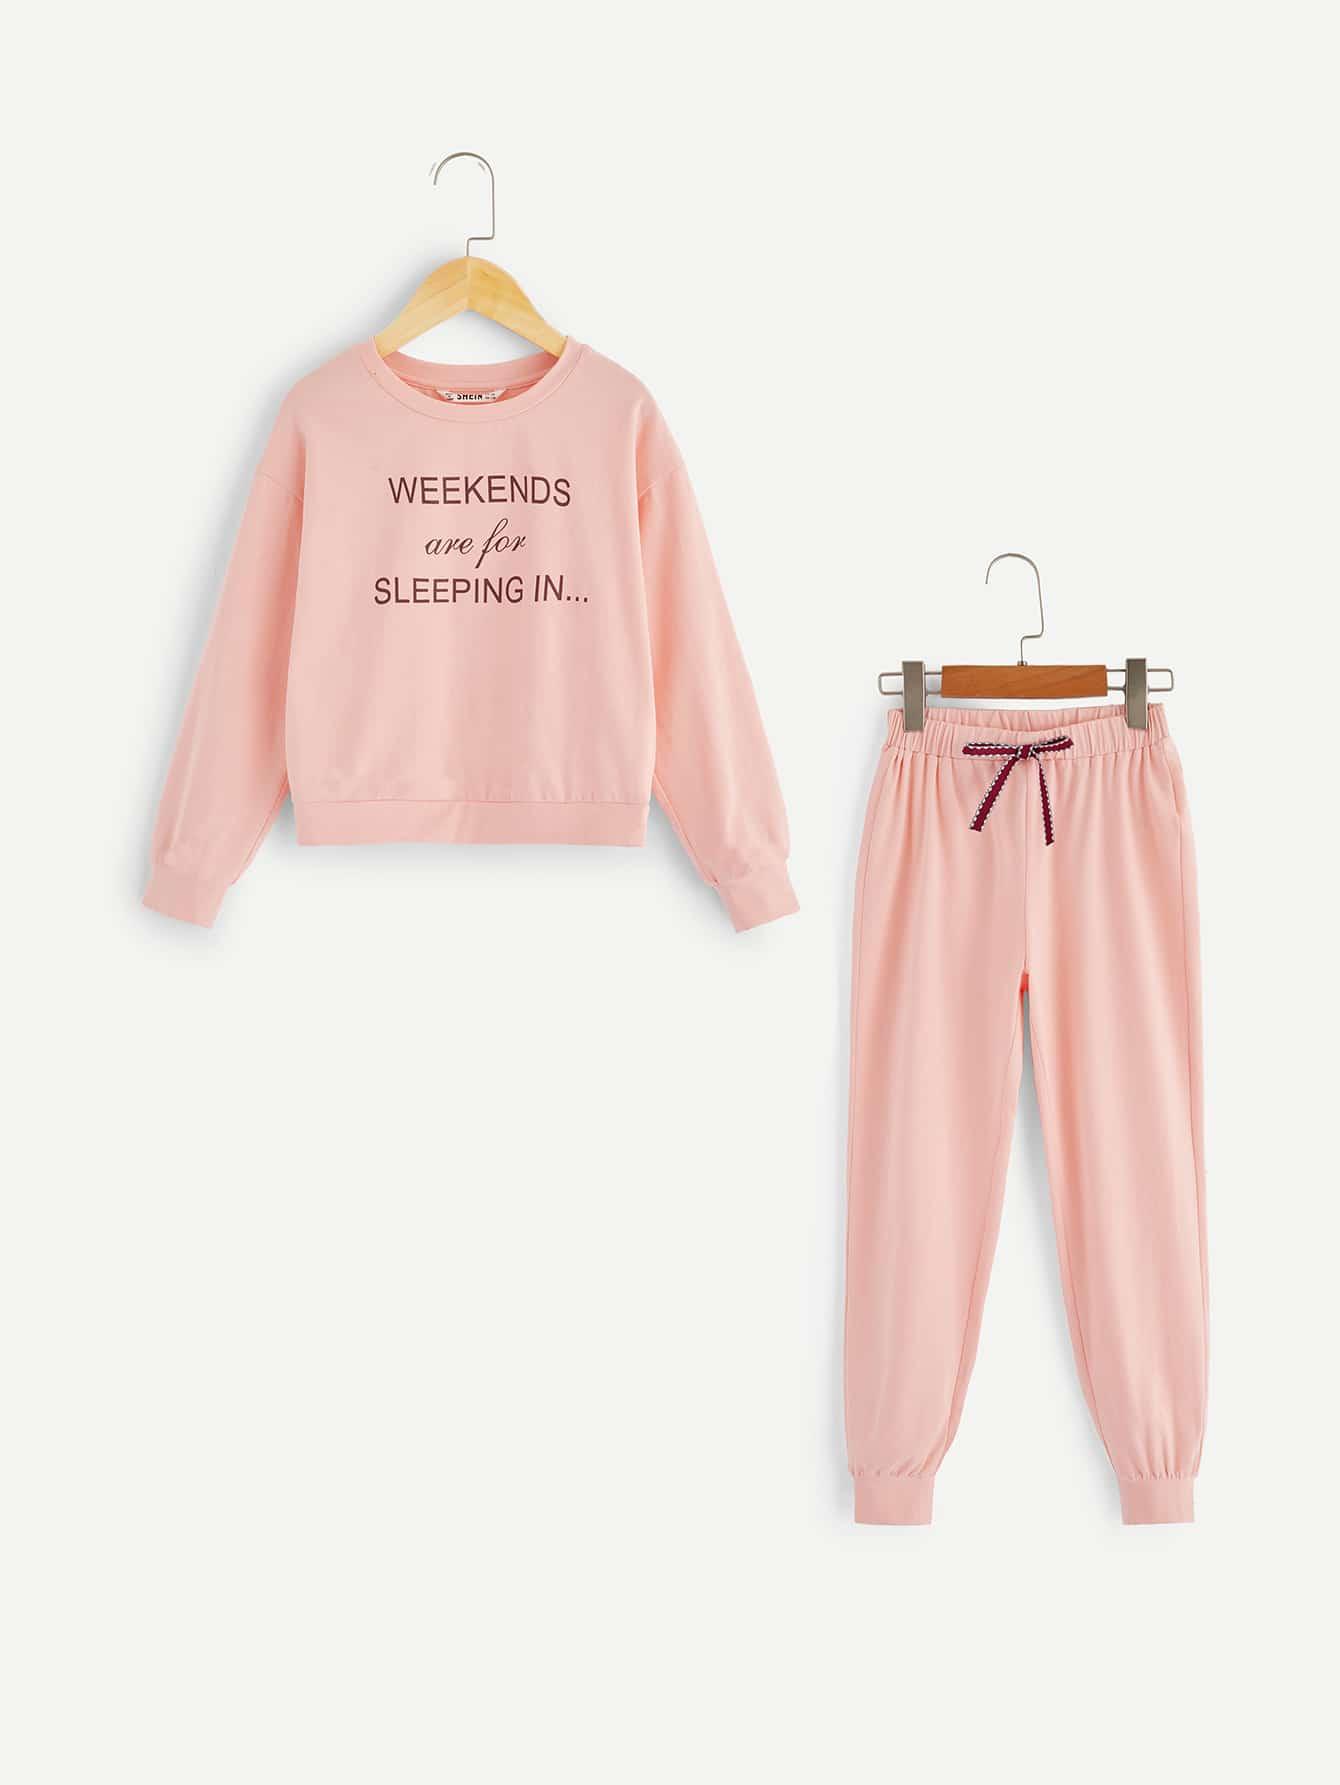 Пуловер с текстовым принтом и брюки пижамы комплект для девочек от SheIn